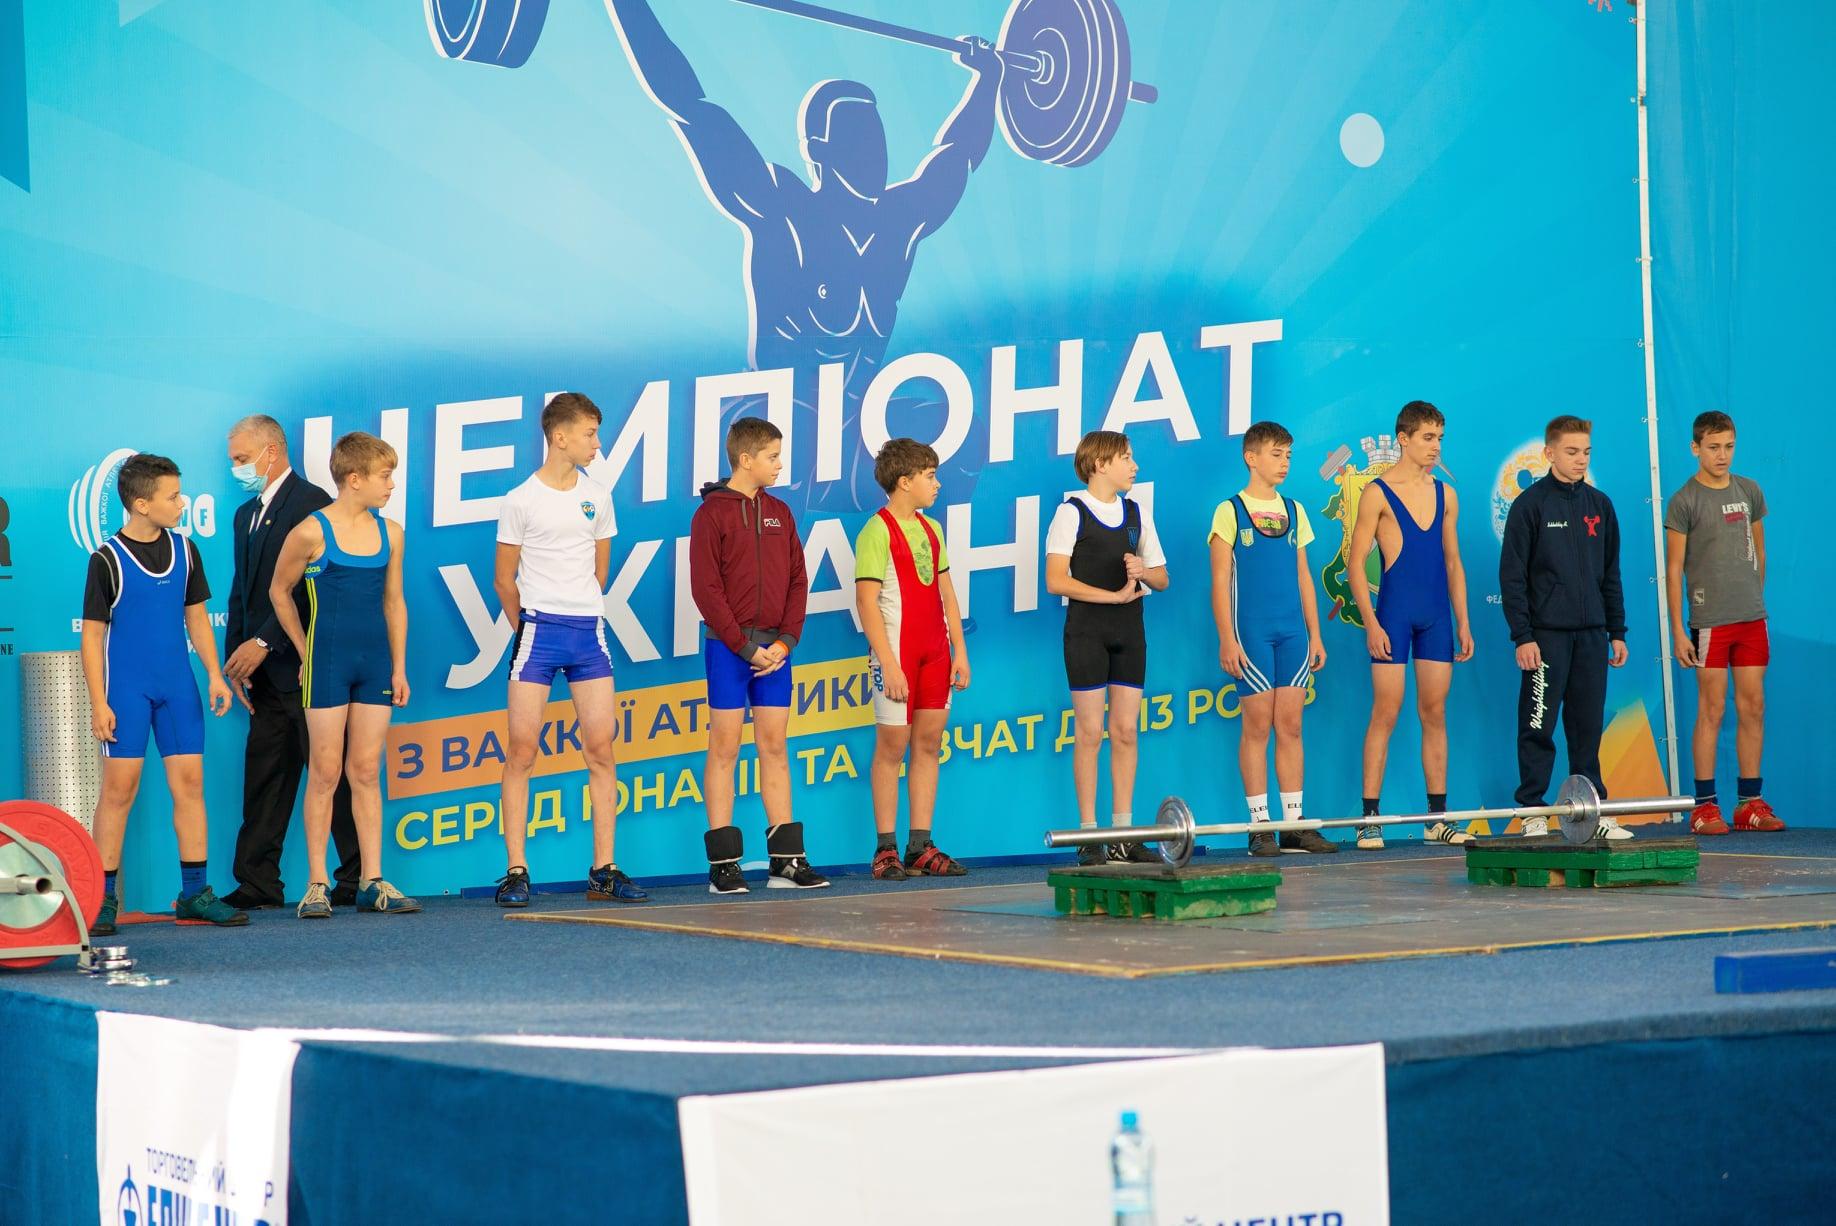 Волинські спортсмени здобули медалі на чемпіонаті України з важкої атлетики